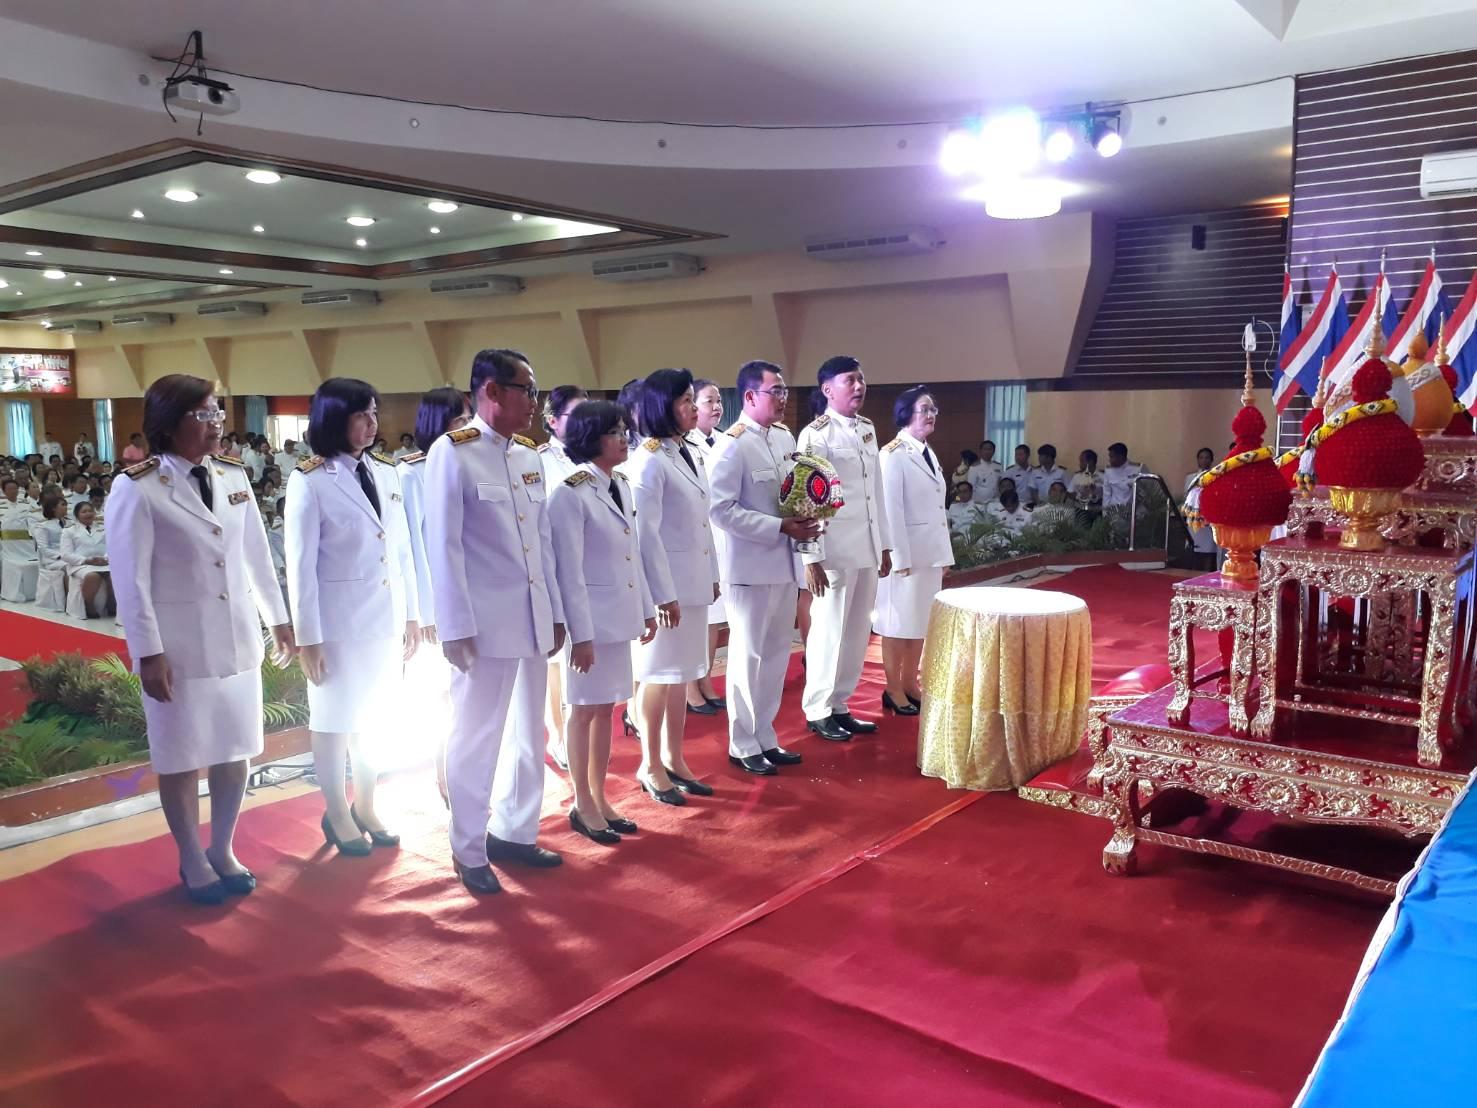 วันพระพุทธยอดฟ้าจุฬาโลกมหาราชและระลึกถึงมหาจักรีบรมราชวงศ์